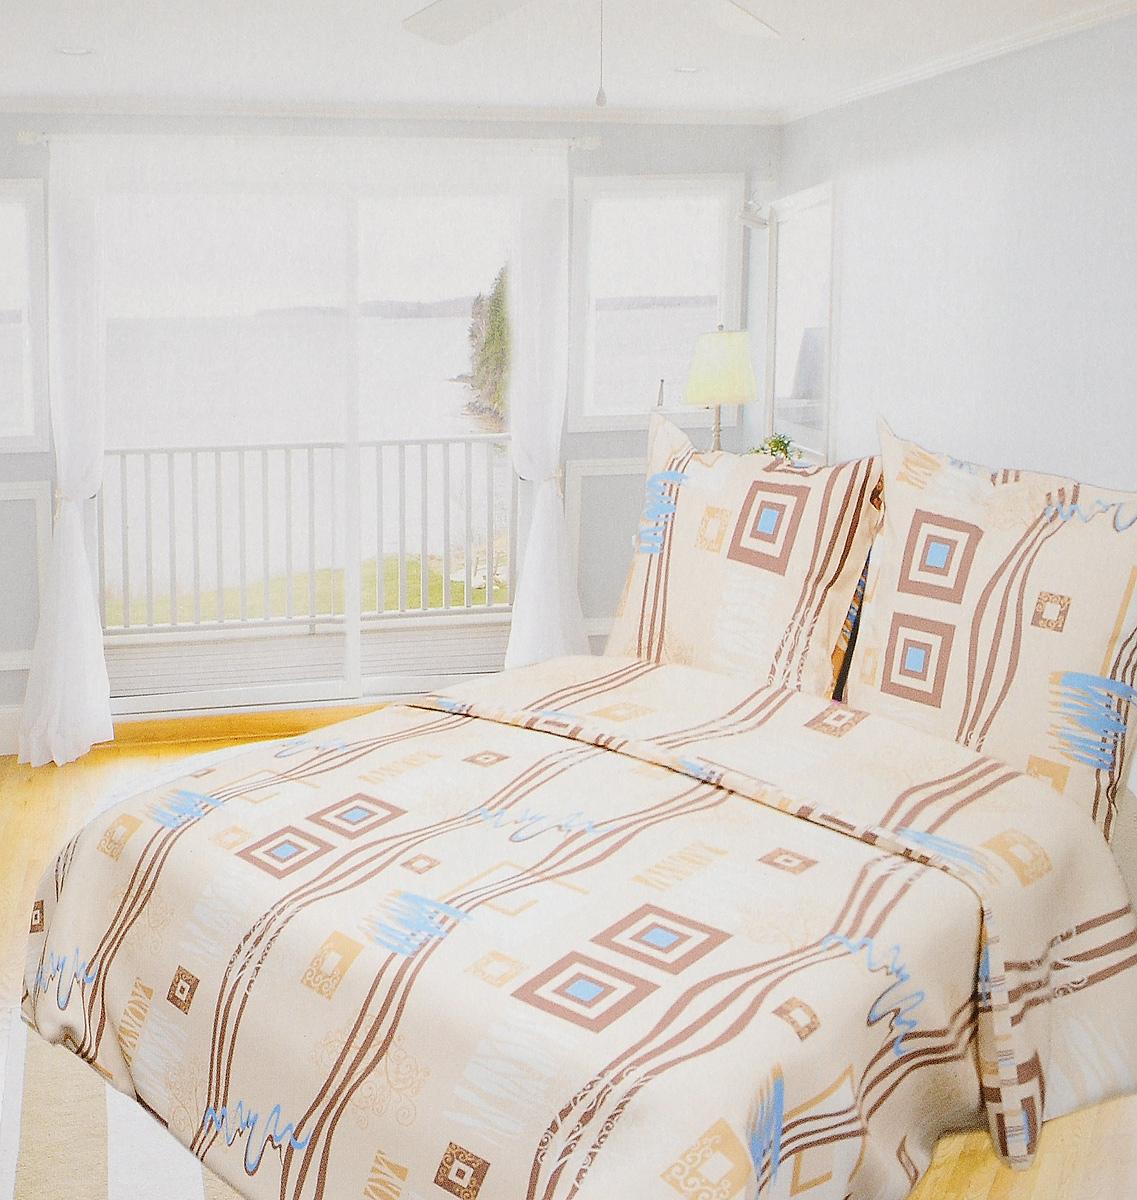 Комплект белья Олеся Пикассо, 1,5-спальный, наволочки 70х70, цвет: бежевый2050116171Комплект белья Олеся Пикассо, выполненный из бязи (100% хлопка), состоит из пододеяльника, простыни и двух наволочек.Бязь - хлопчатобумажная ткань полотняного переплетения без искусственных добавок. Большое количество нитей делает эту ткань более плотной, более долговечной. Высокая плотность ткани позволяет сохранить форму изделия, его первоначальные размеры и первозданный рисунок.Приобретая комплект постельного белья Олеся Пикассо, вы можете быть уверенны в том, что покупка доставит вам и вашим близким удовольствие и подарит максимальный комфорт.